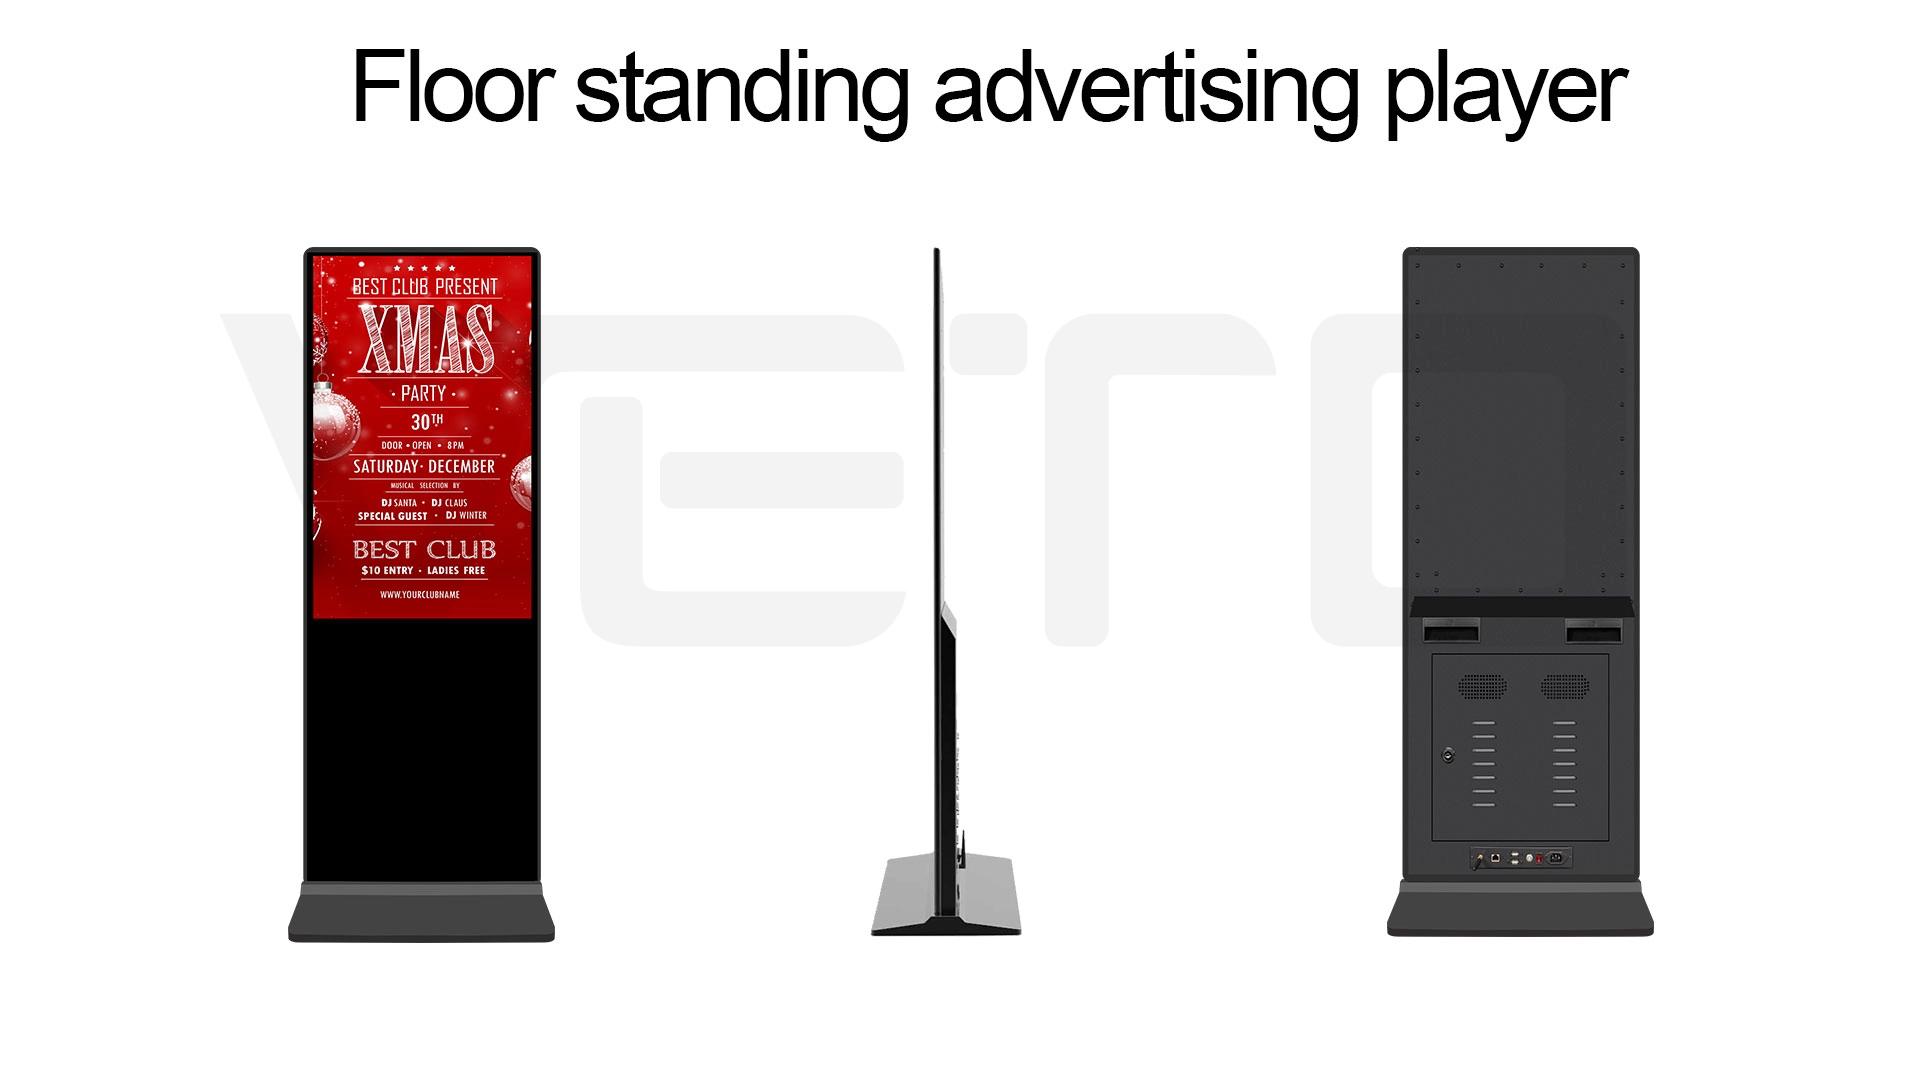 43 49 55 65 인치 플로어 스탠드 lcd 디스플레이 터치 스크린 실내 안드로이드 광고 tv 정보 토템 소매 디지털 간판